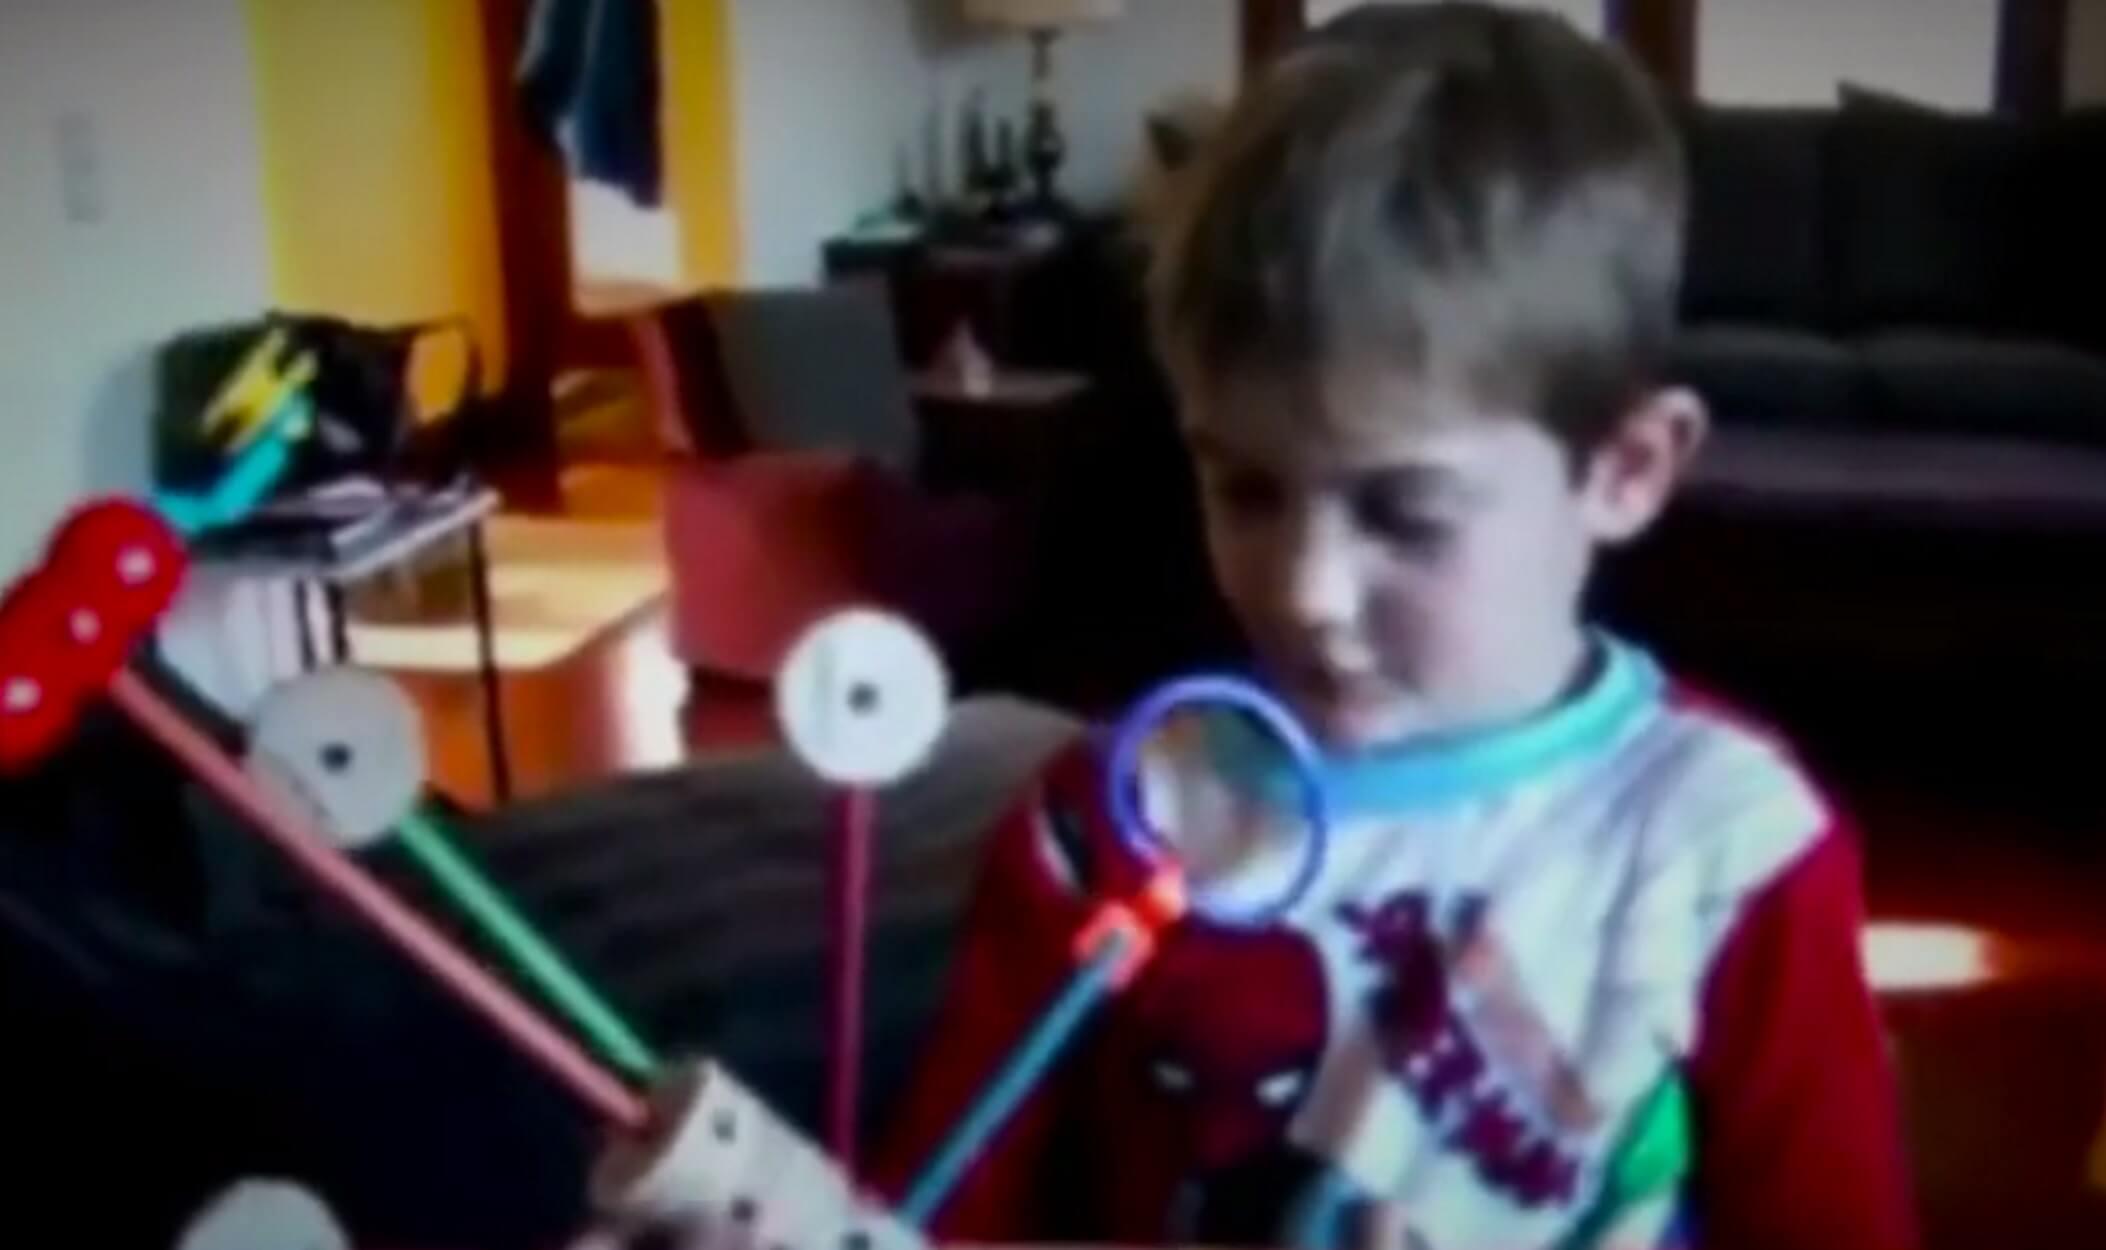 Σικάγο: Θρίλερ με 14χρονο αγόρι που λέει ότι το κρατούσαν απαγωγείς από το 2012! video